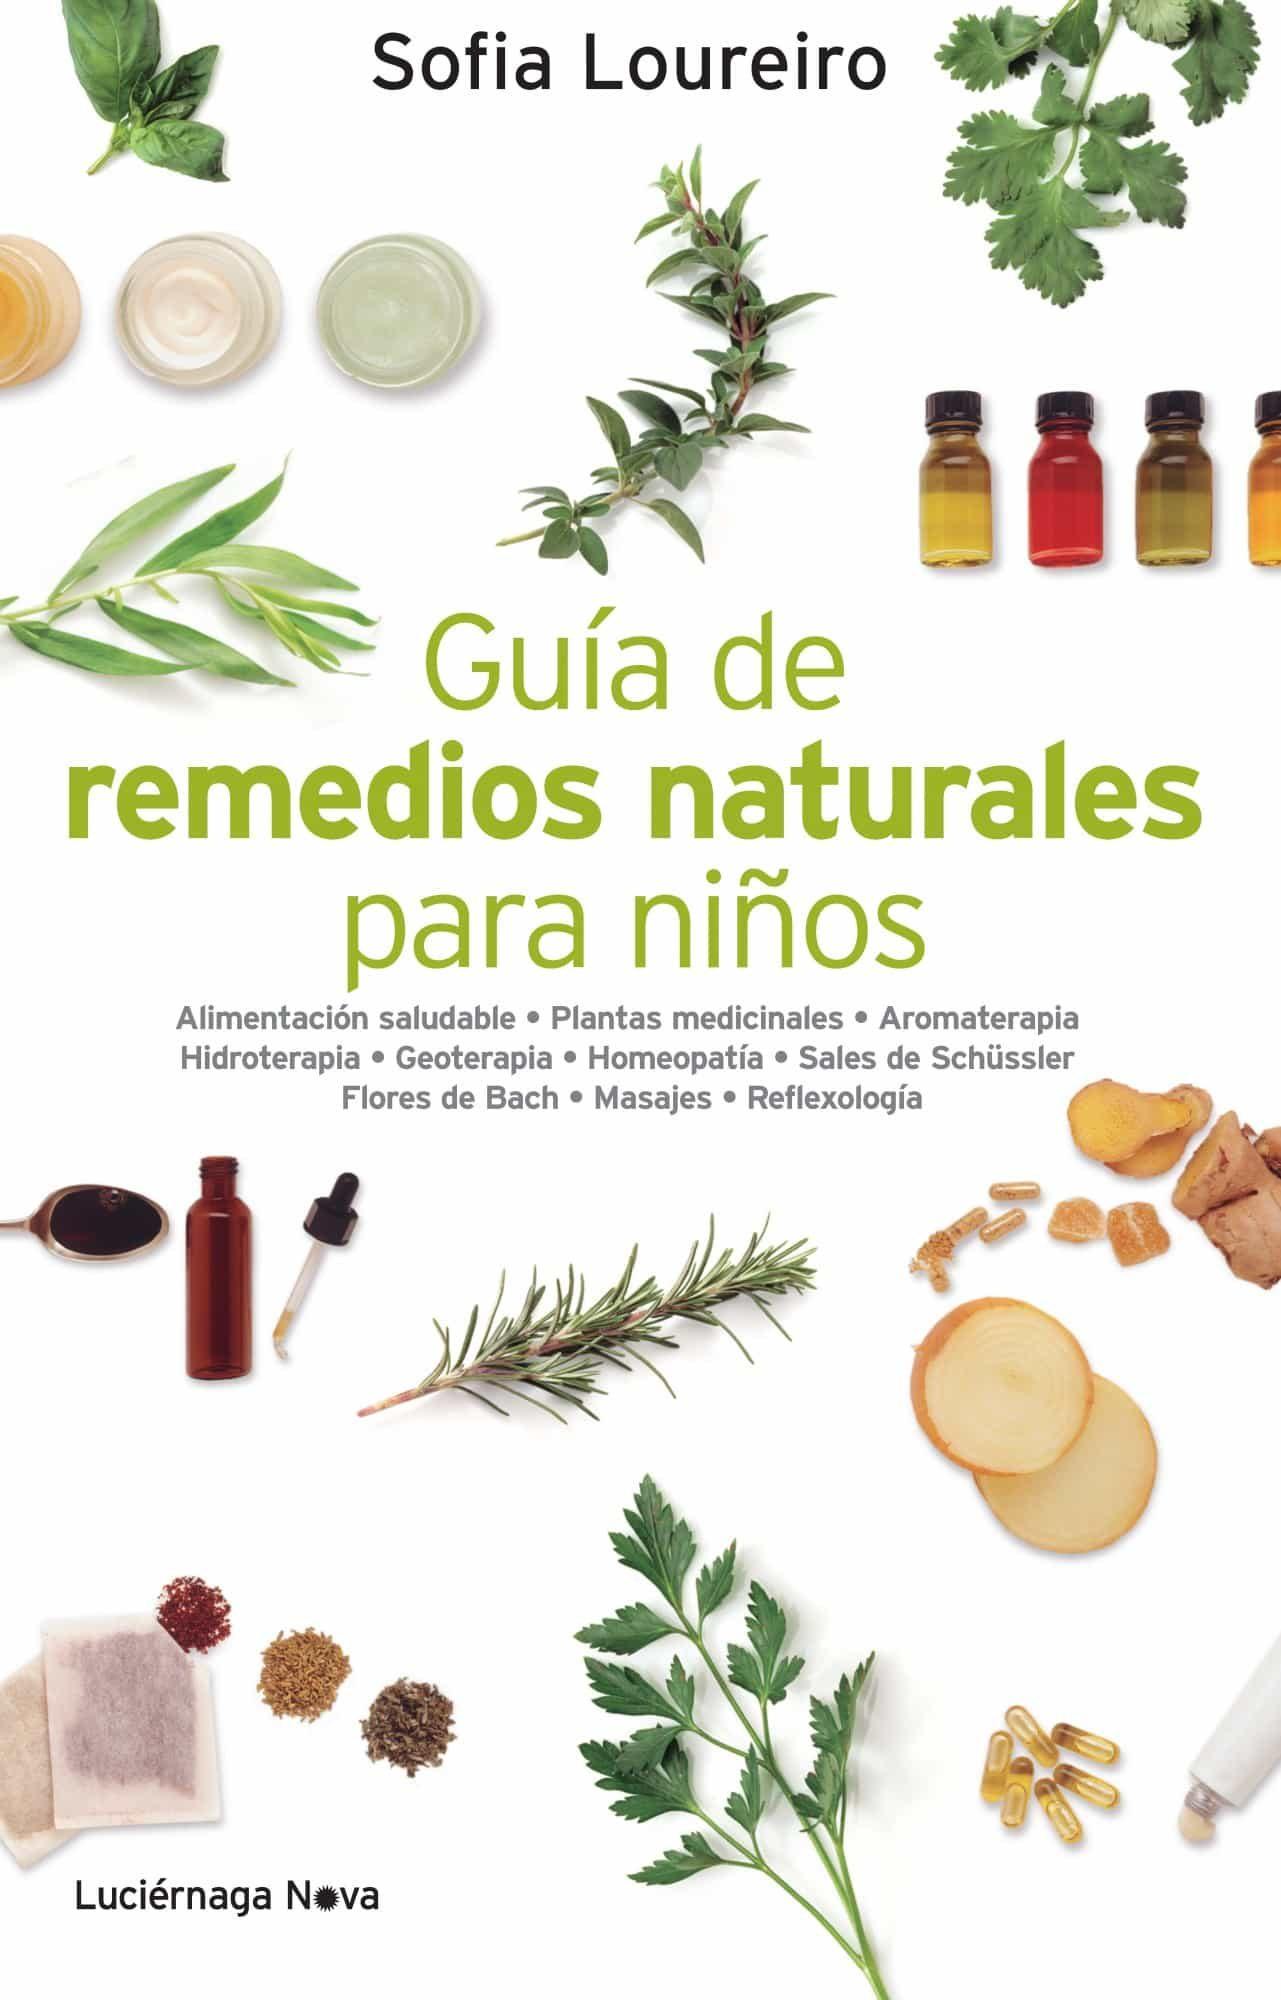 pe gua de remedios naturales para niossofia loureiro